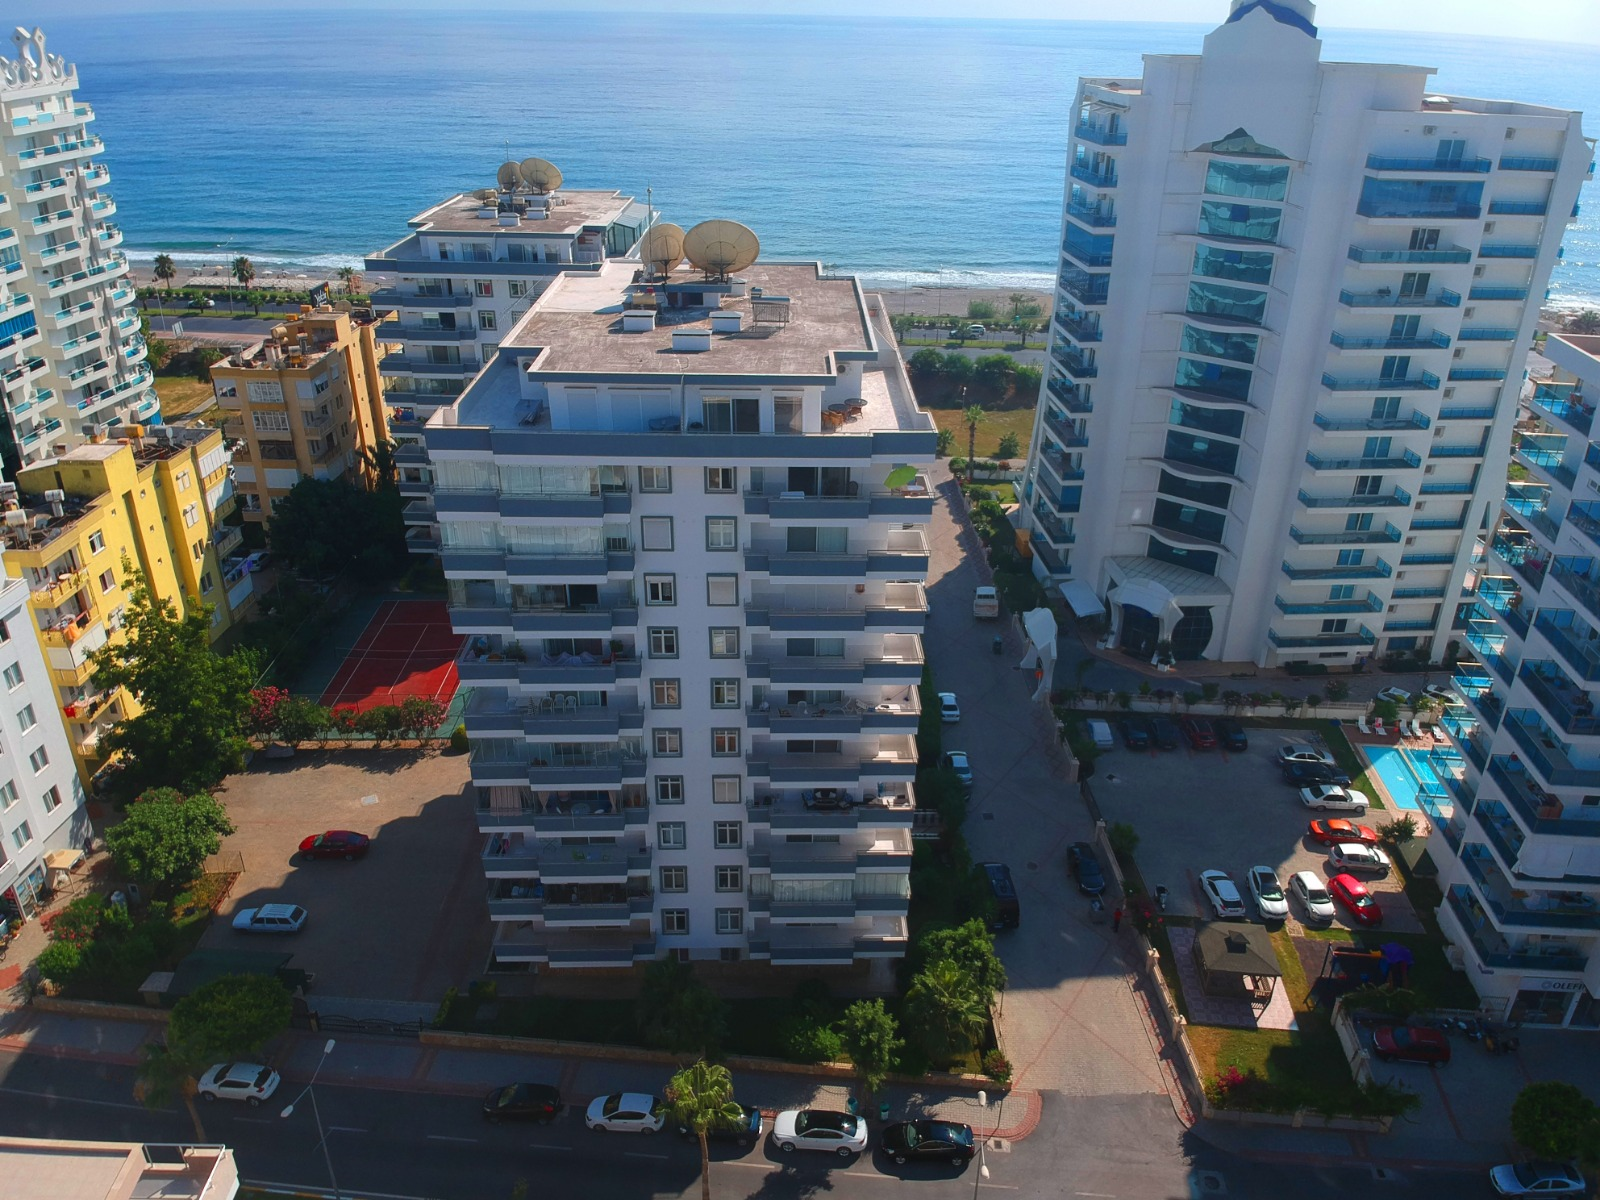 апартаменты 2+1 в ЖК Euro Residence, стоимостью 75.000 евро